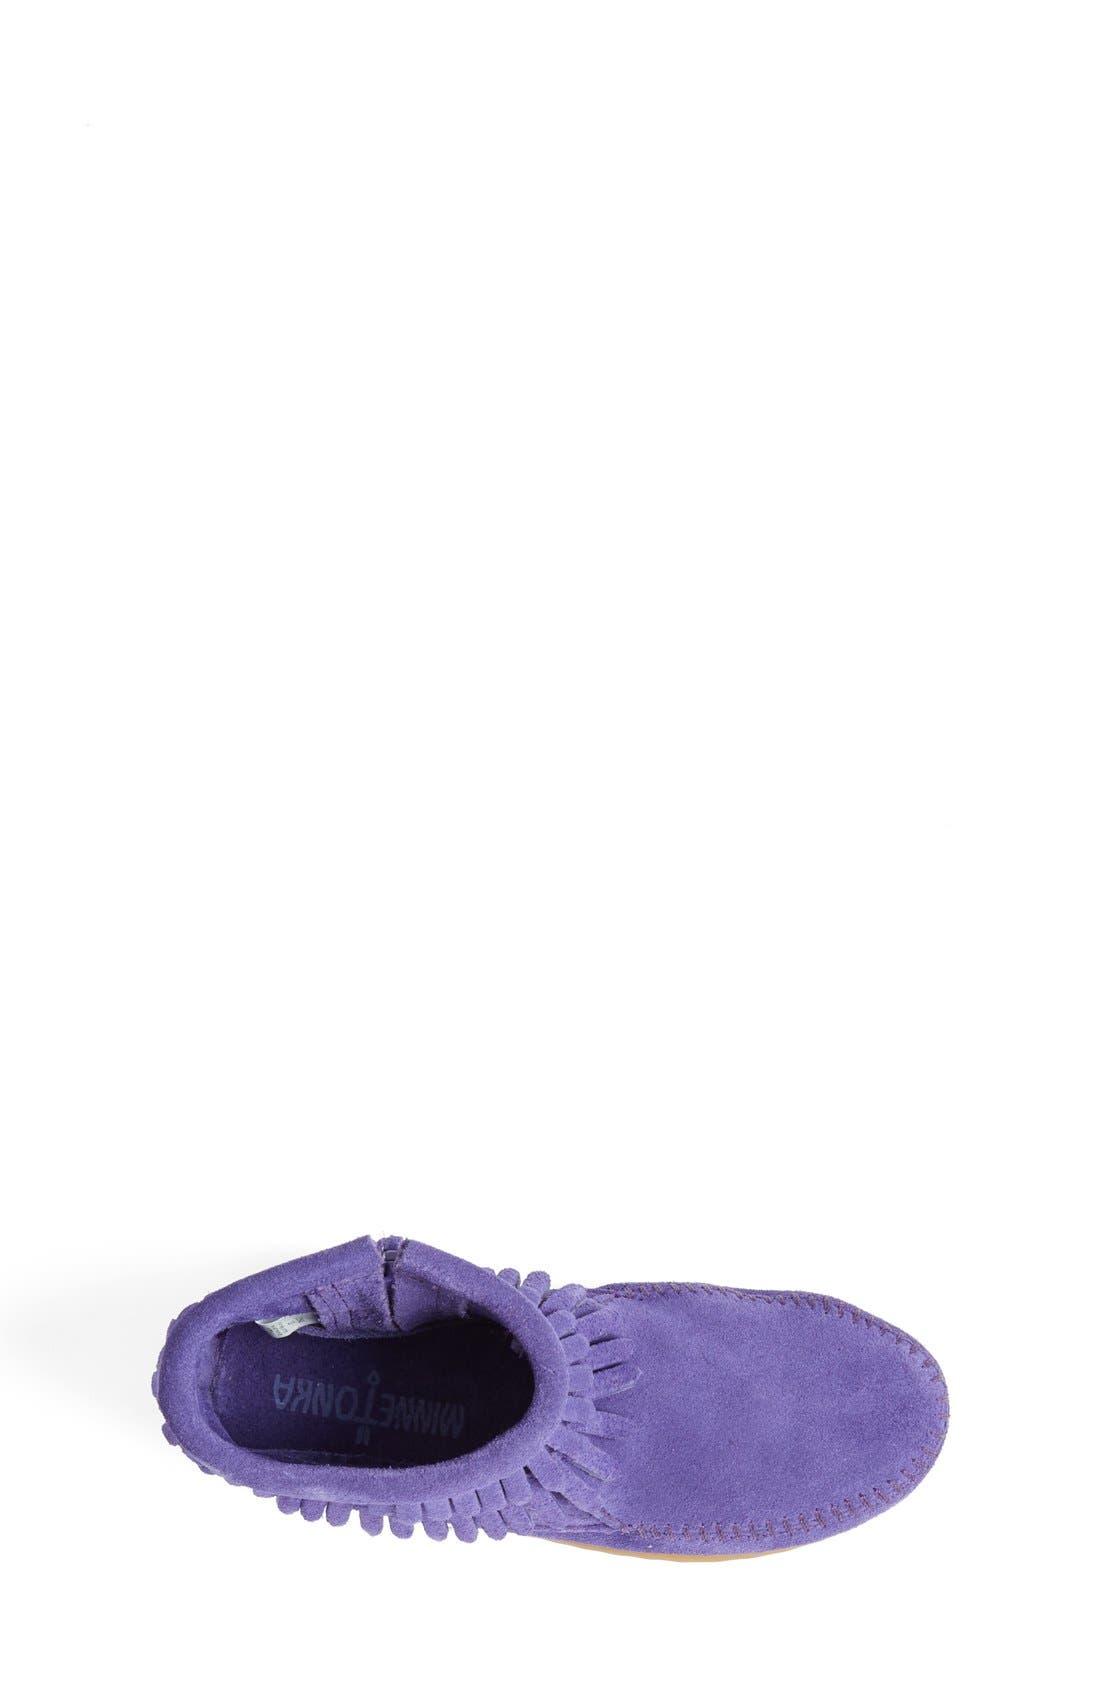 Alternate Image 3  - Minnetonka 'Double Fringe' Boot (Walker, Toddler, Little Kid & Big Kid)